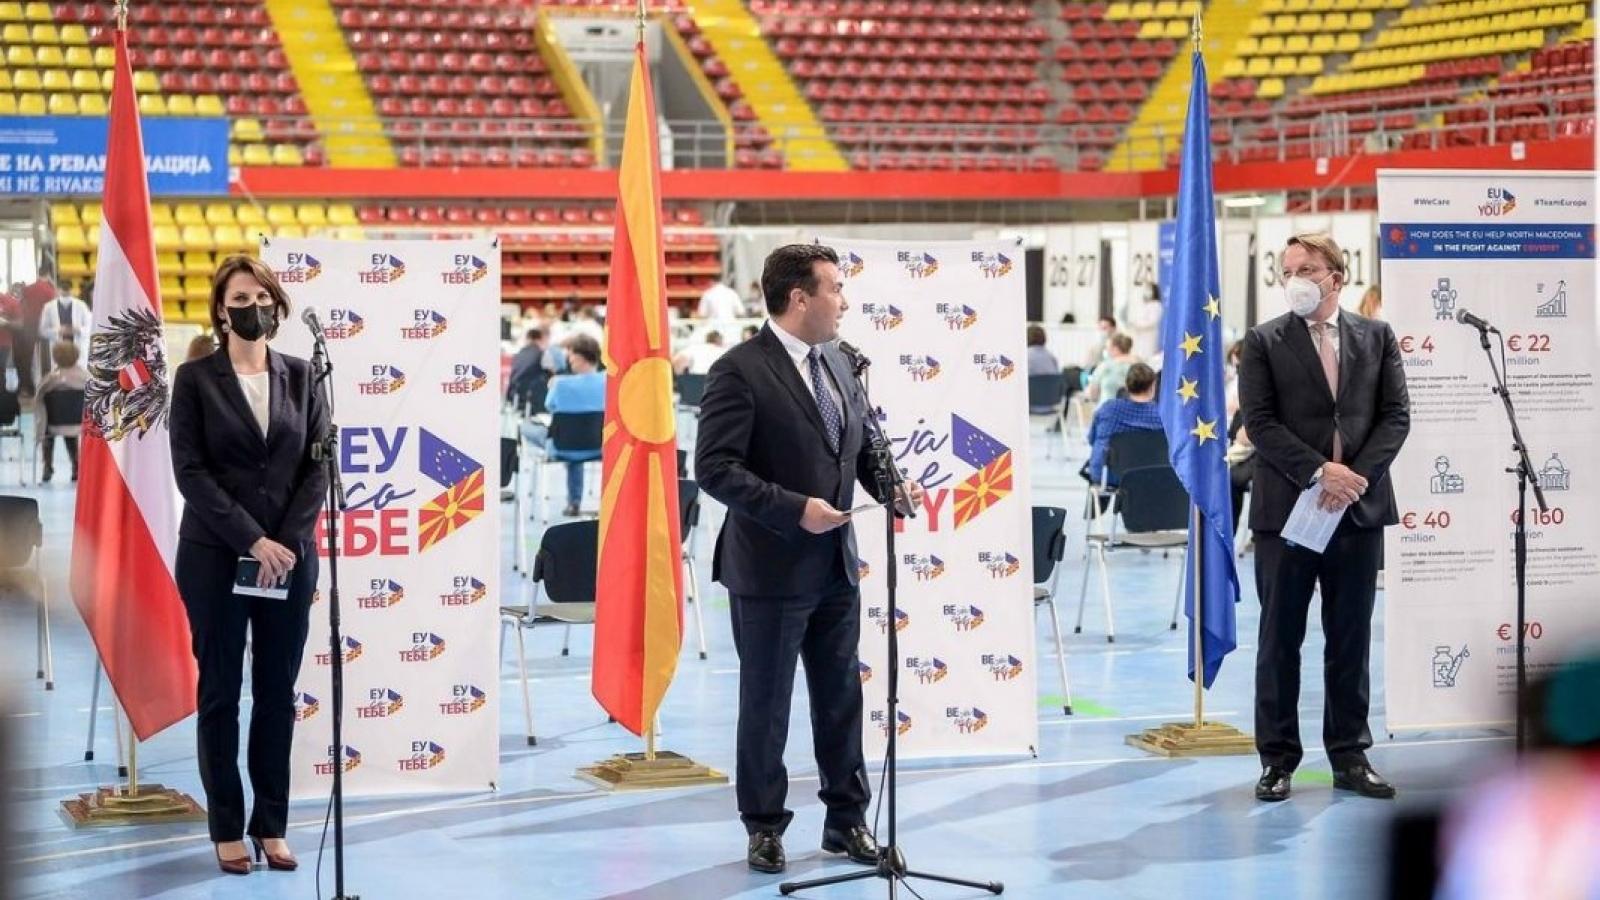 Liên minh châu Âu hỗ trợ vaccine ngừa Covid-19 cho các quốc gia Balkan